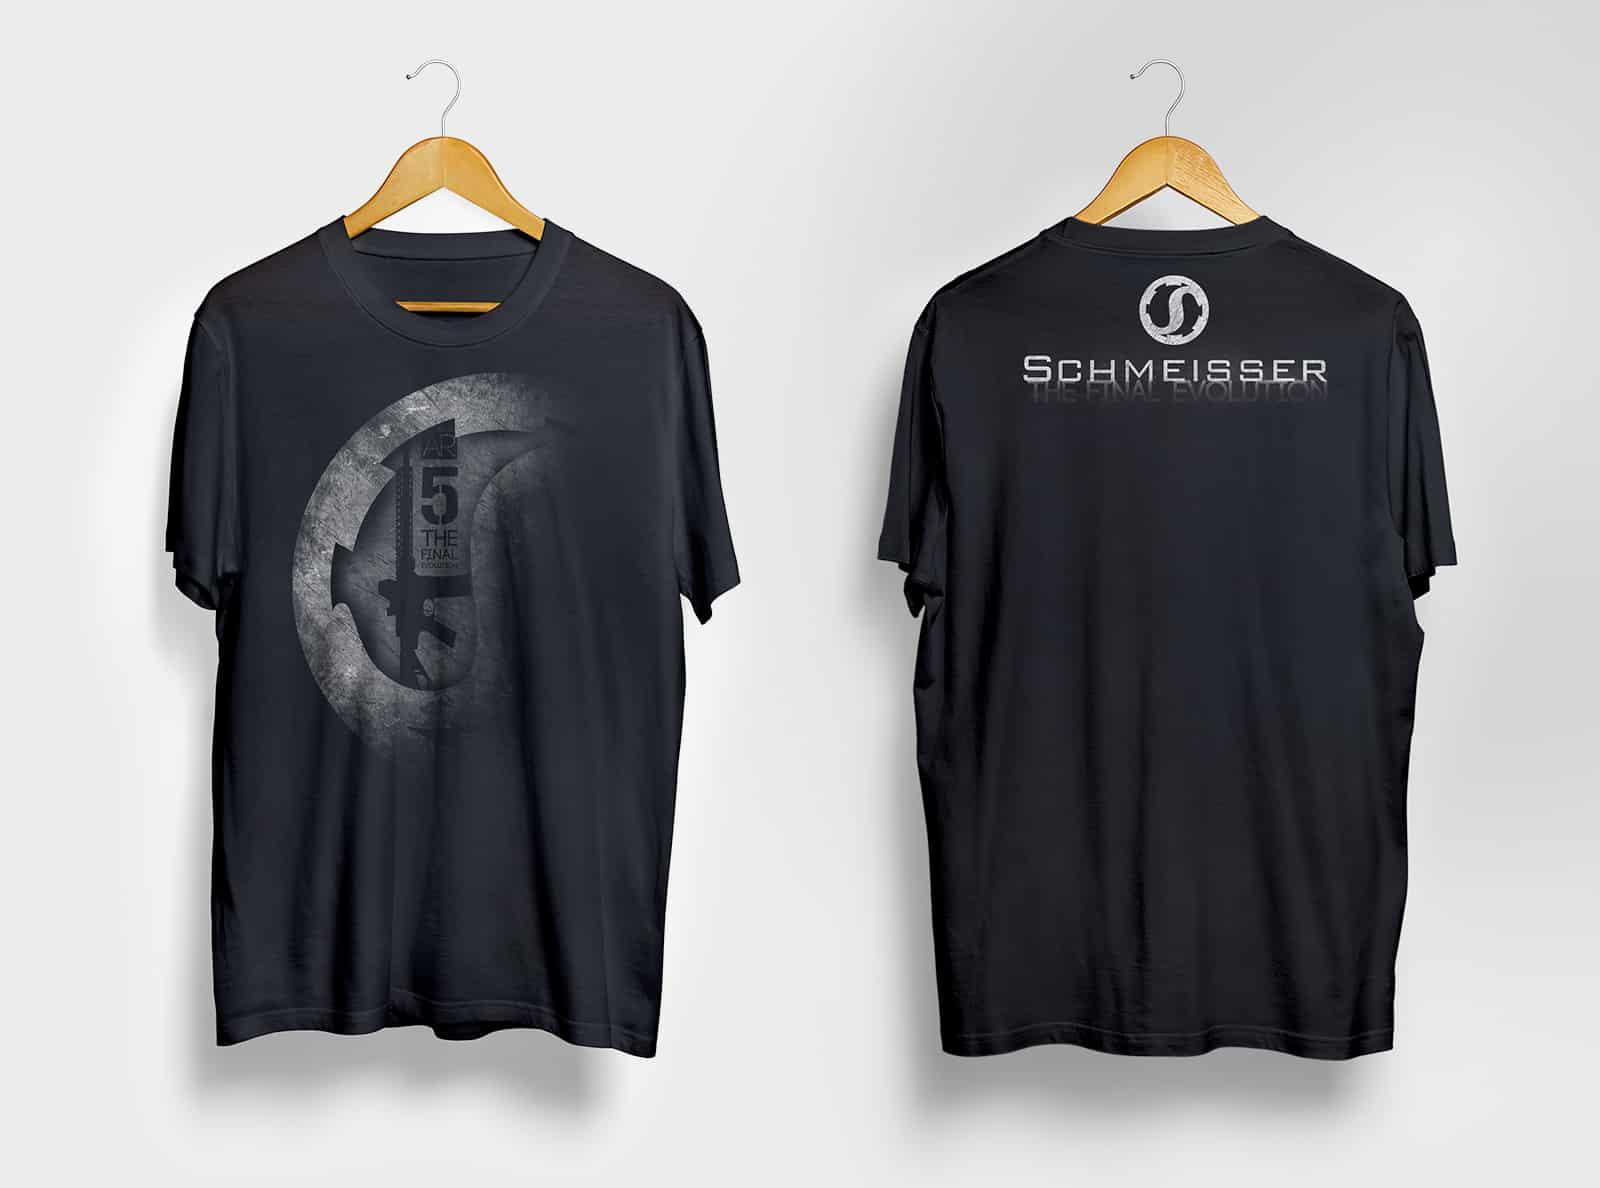 Schmeisser-GmbH_T-Shirt01